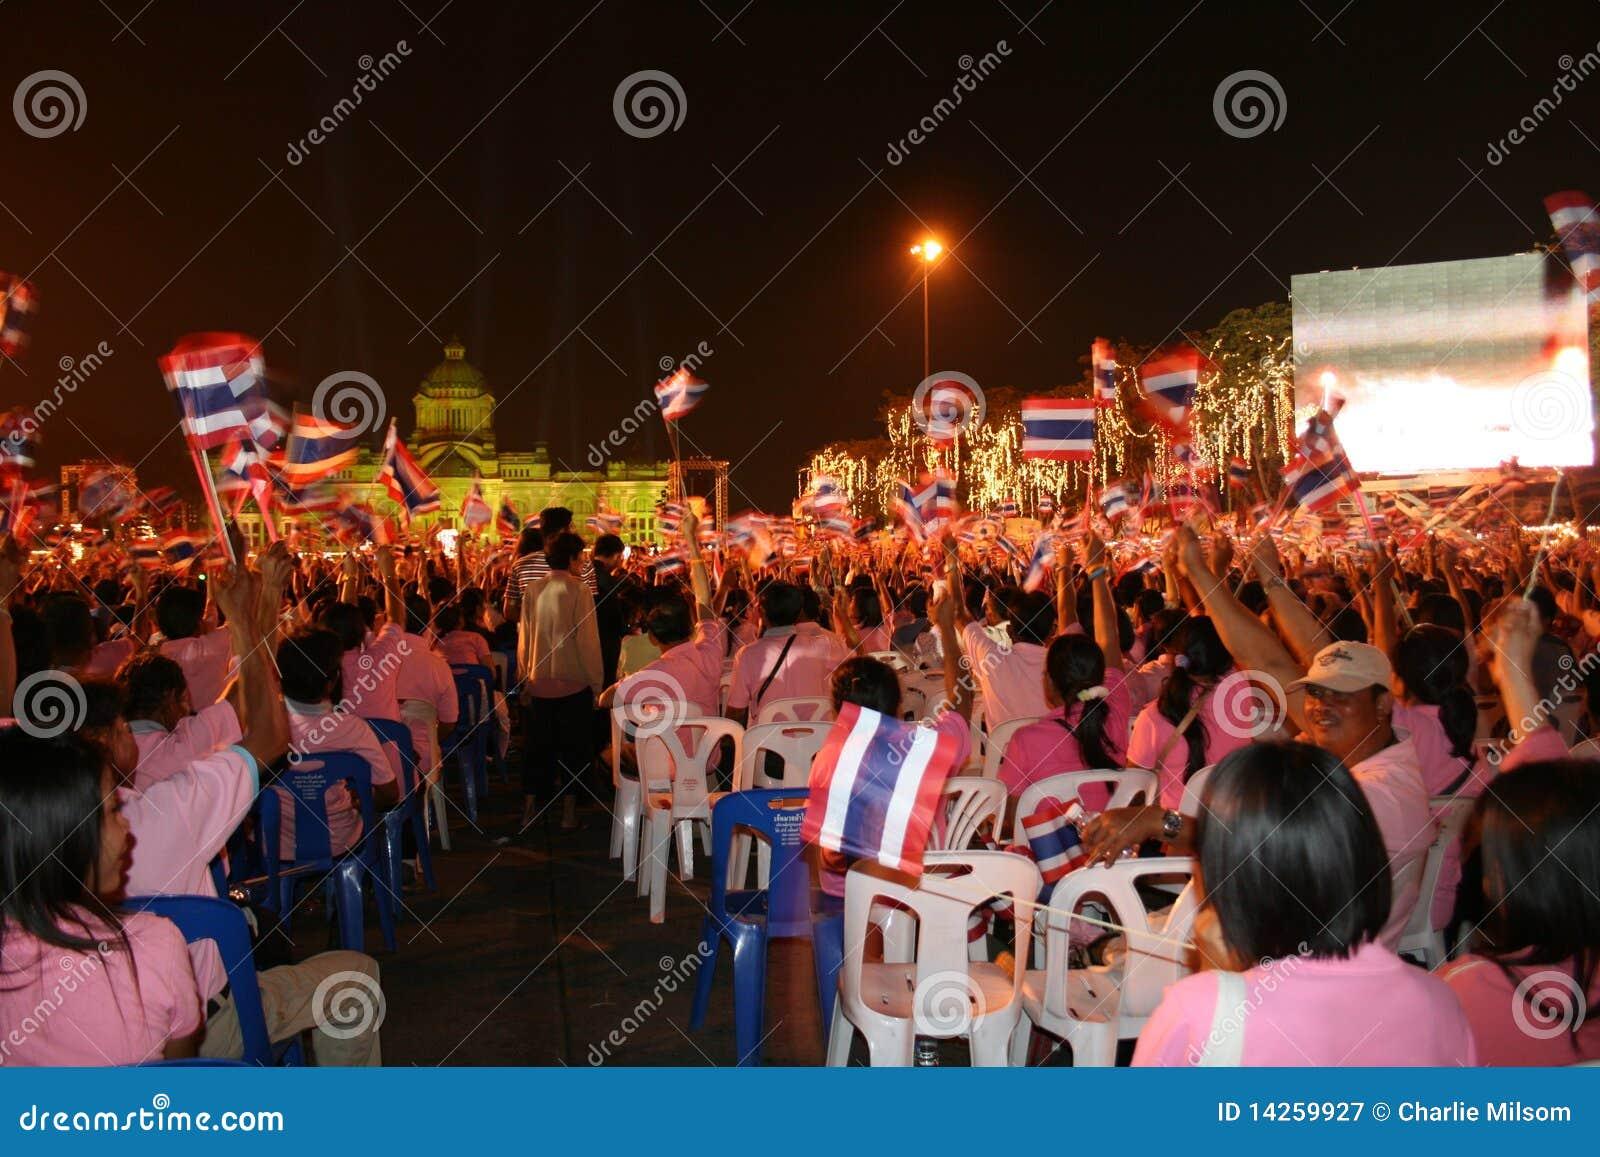 Ταϊλανδικοί λαοί στα γενέθλια βασιλιάδων, Ταϊλάνδη.